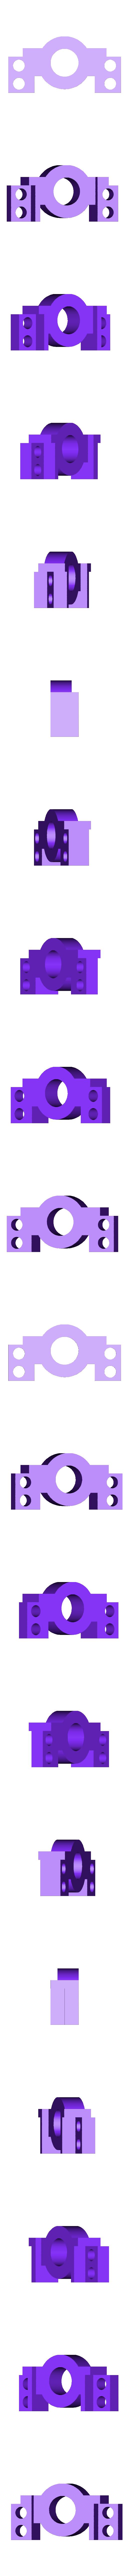 E001.stl Télécharger fichier STL Perceuse à main Impression 3D • Design pour impression 3D, MPPSWKA7